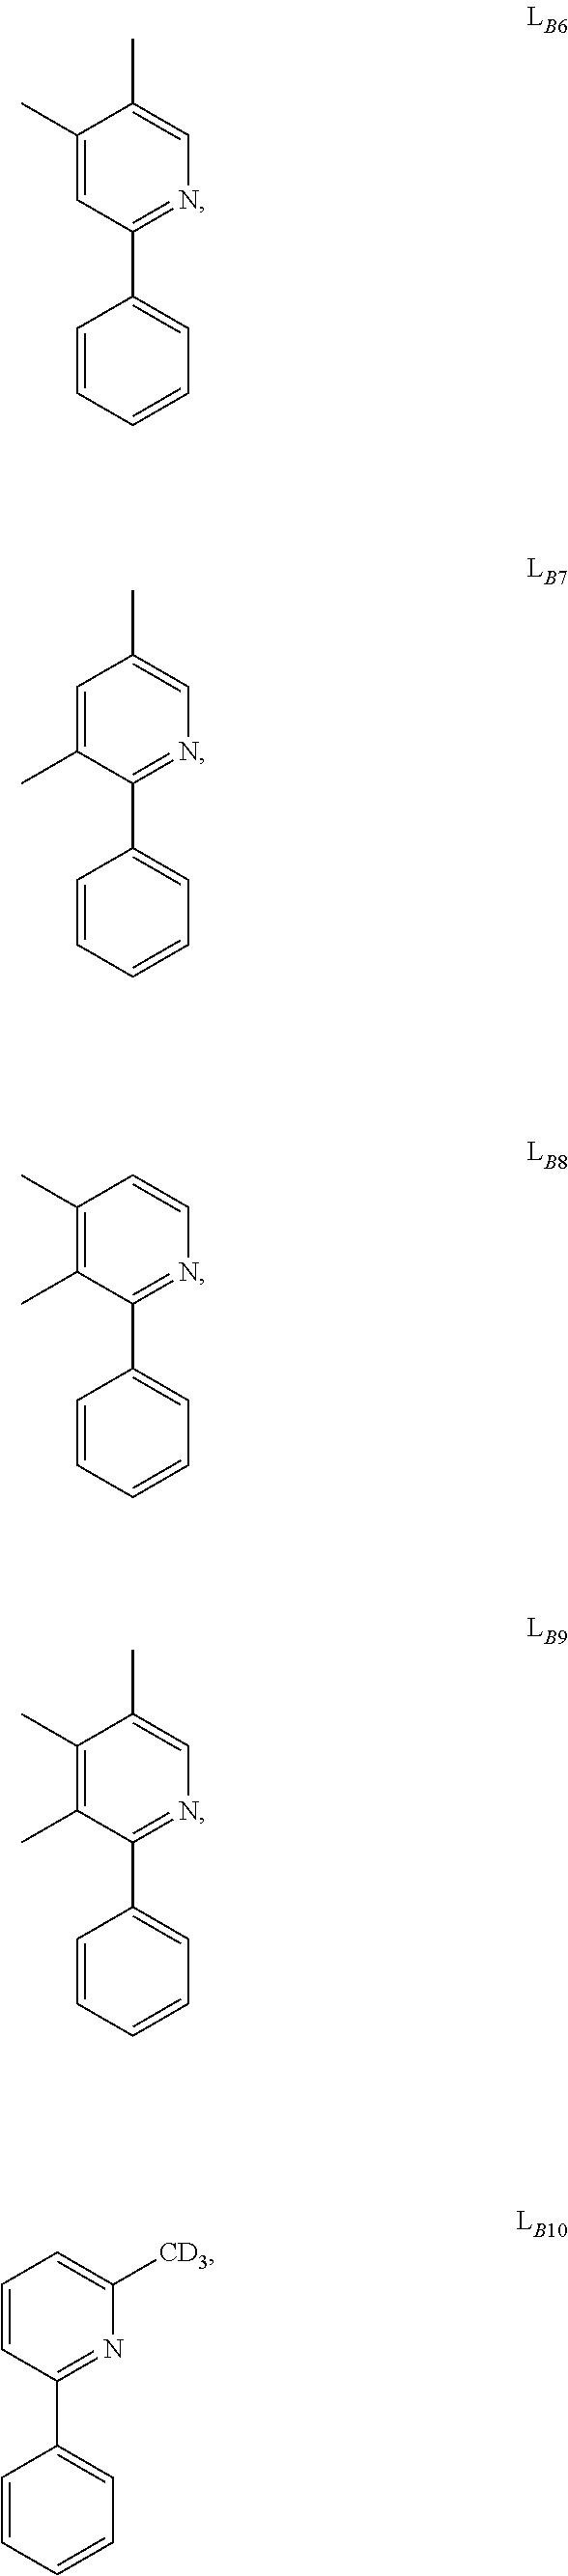 Figure US09634264-20170425-C00298